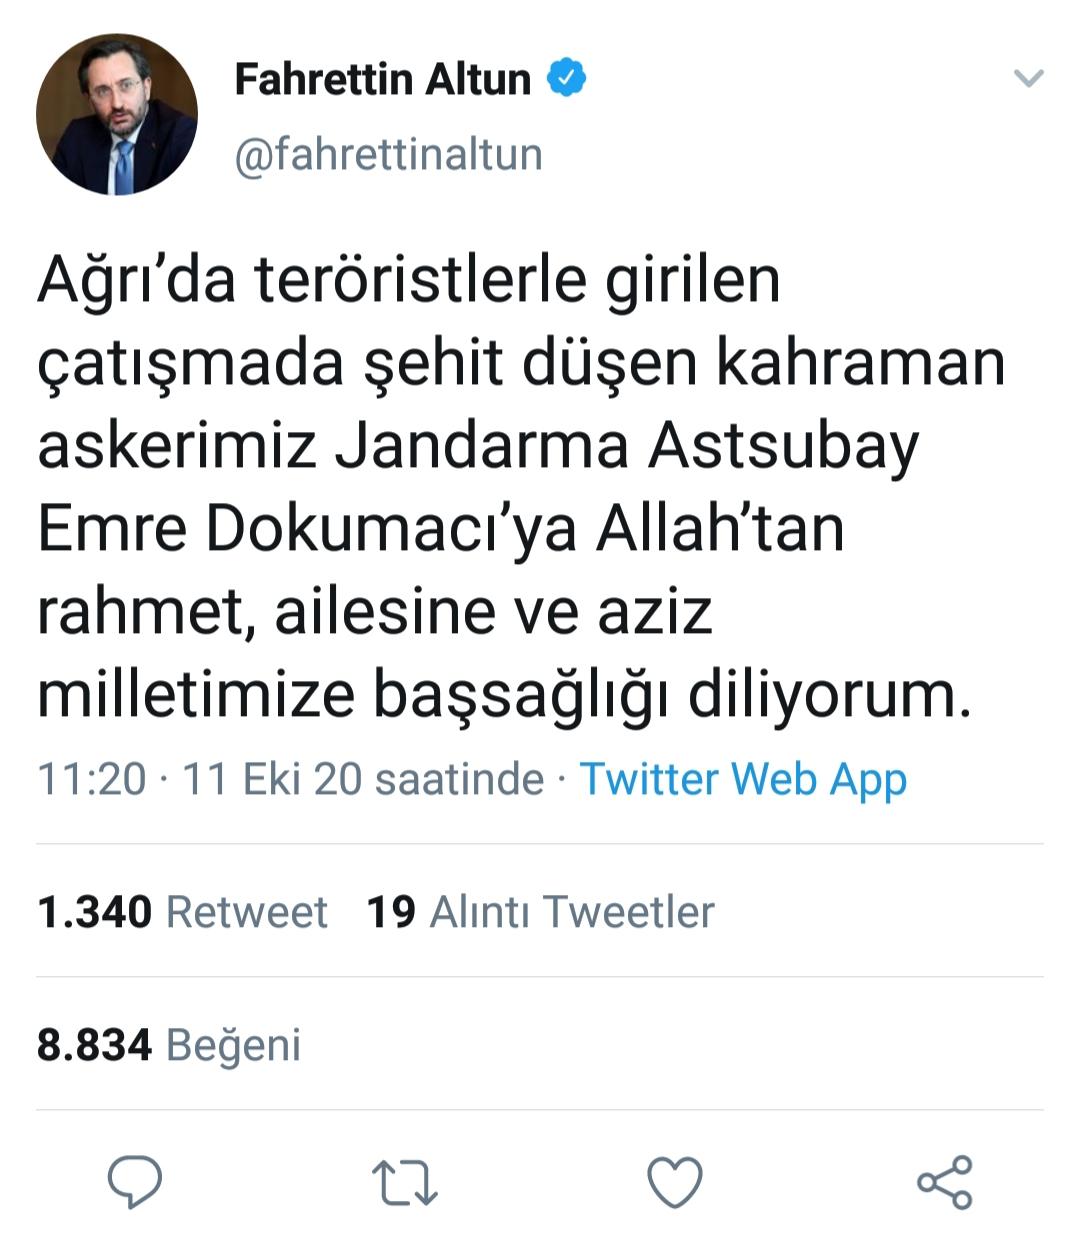 Fahrettin Altun, Ağrı şehidi için taziye mesajı yayınladı